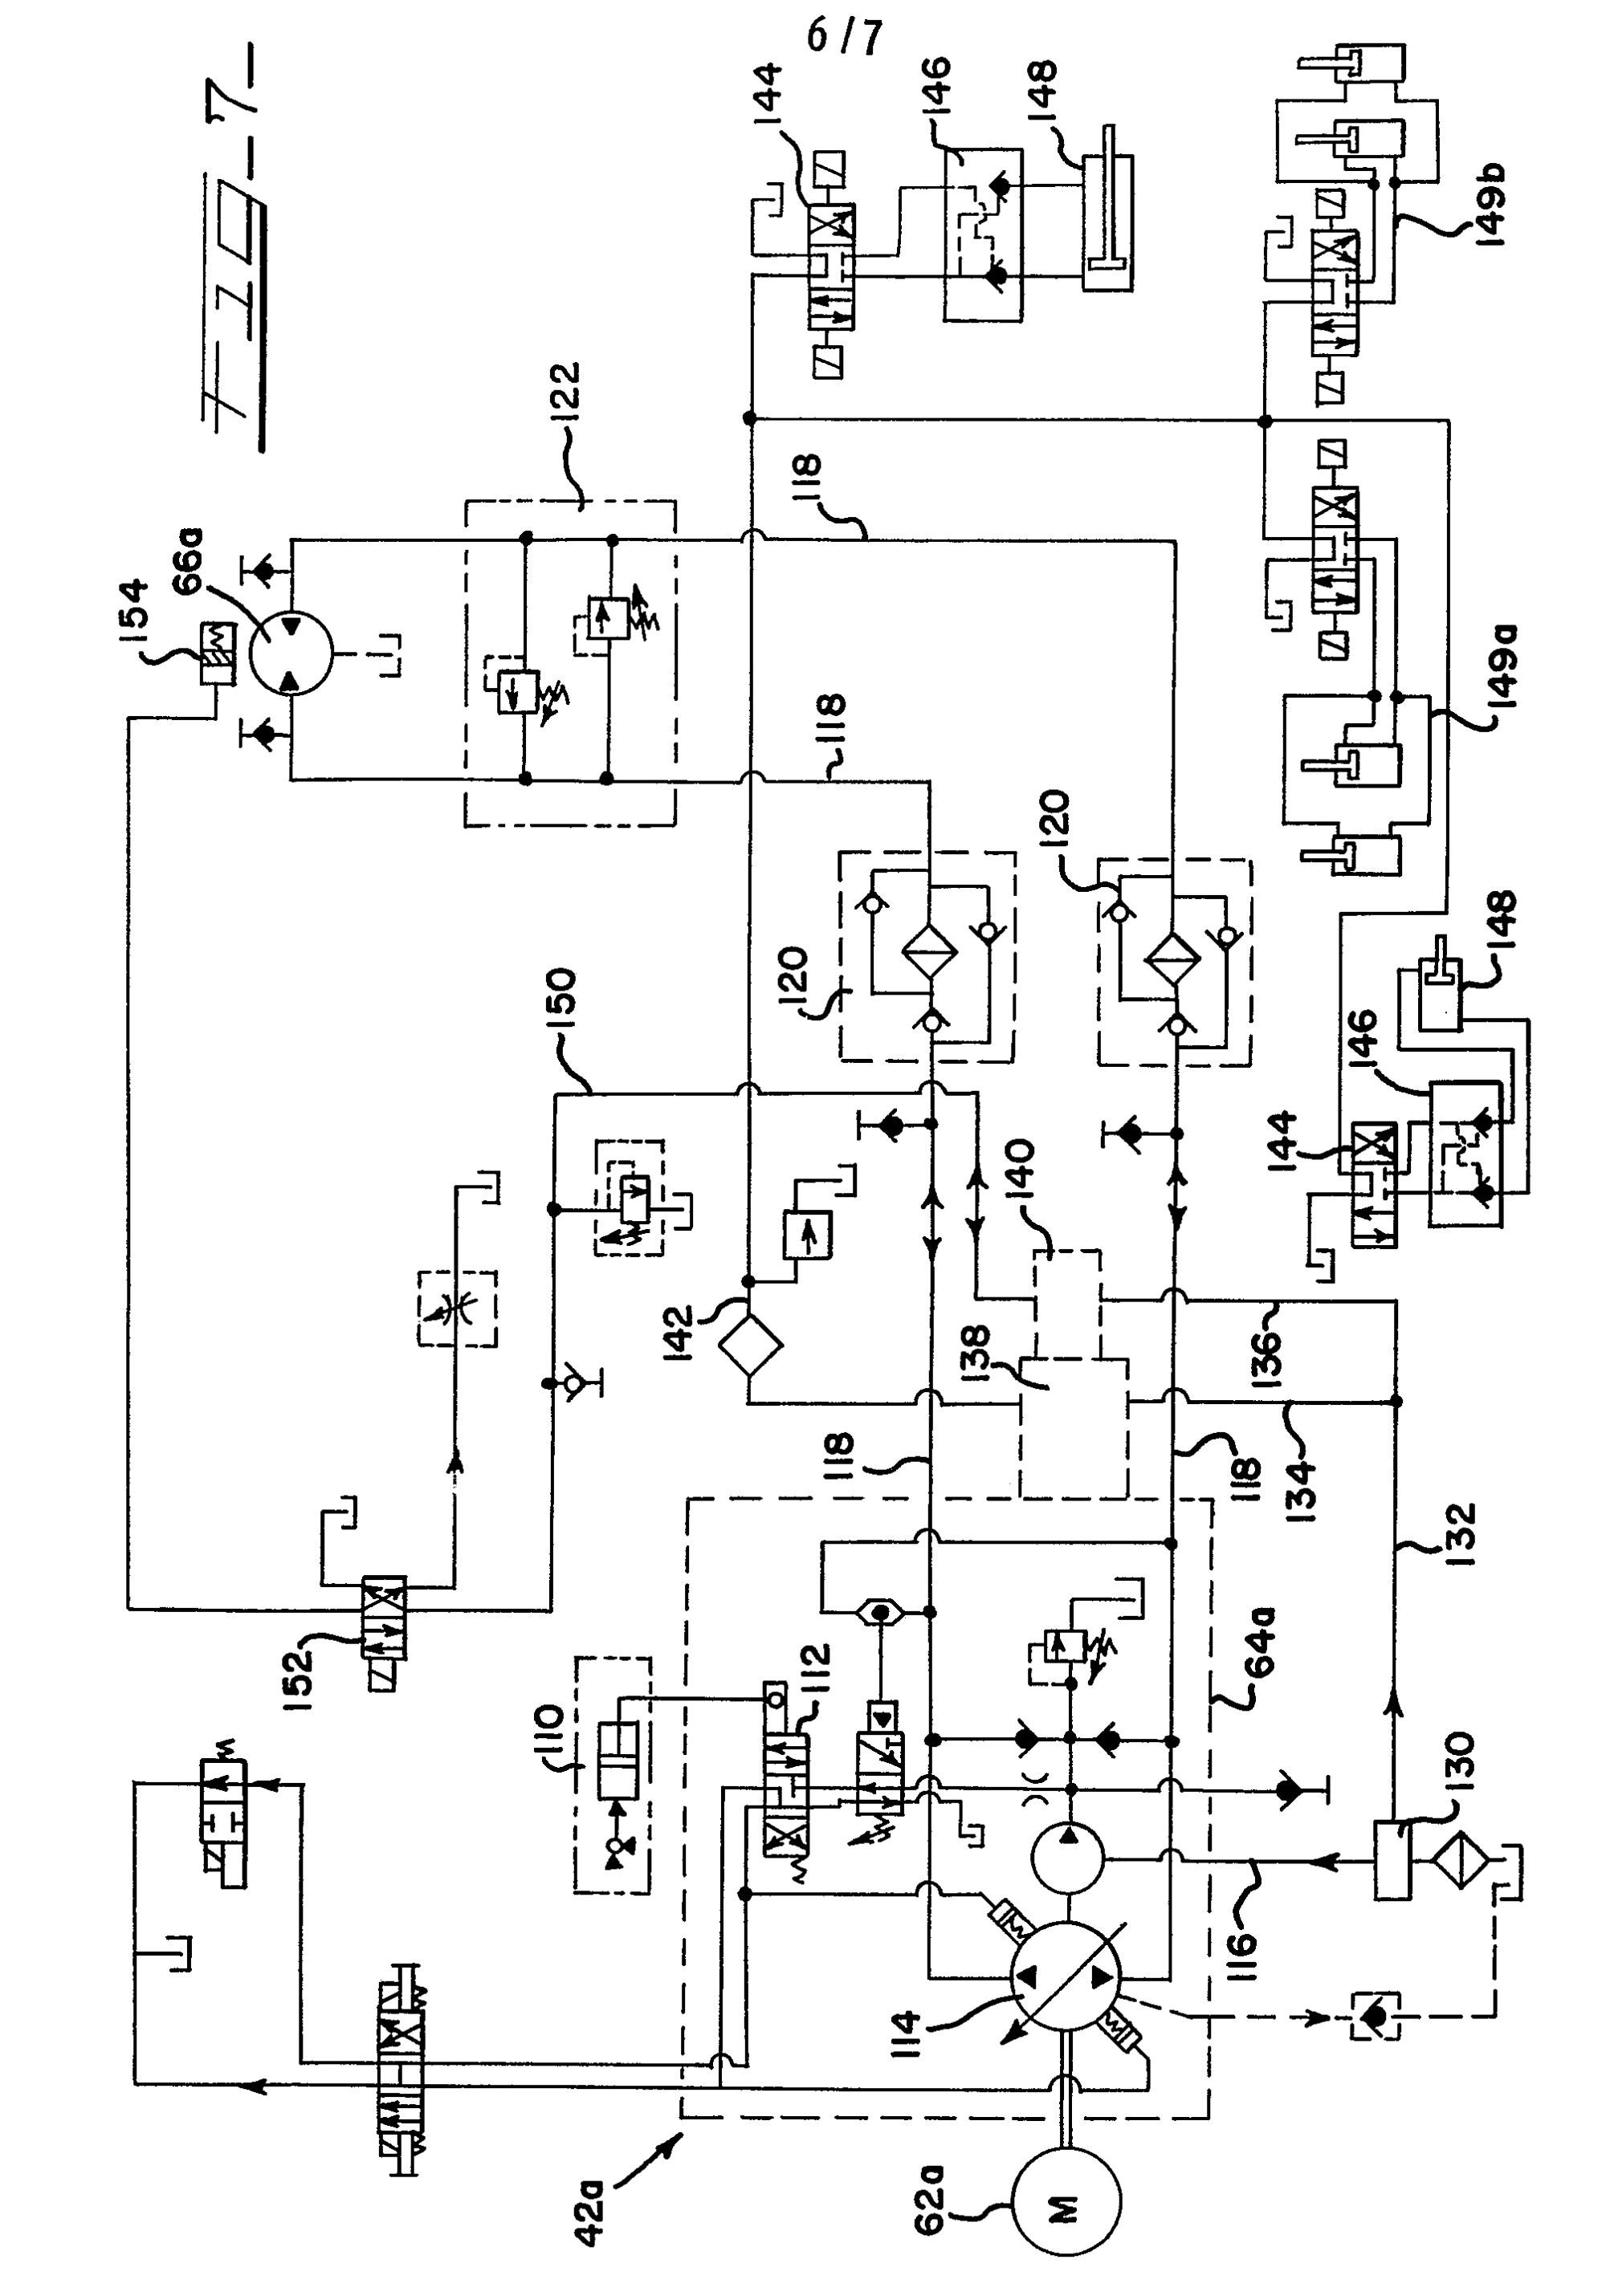 hight resolution of whirlpool refrigerator wiring schematic whirlpool refrigerator wiring diagr 13r